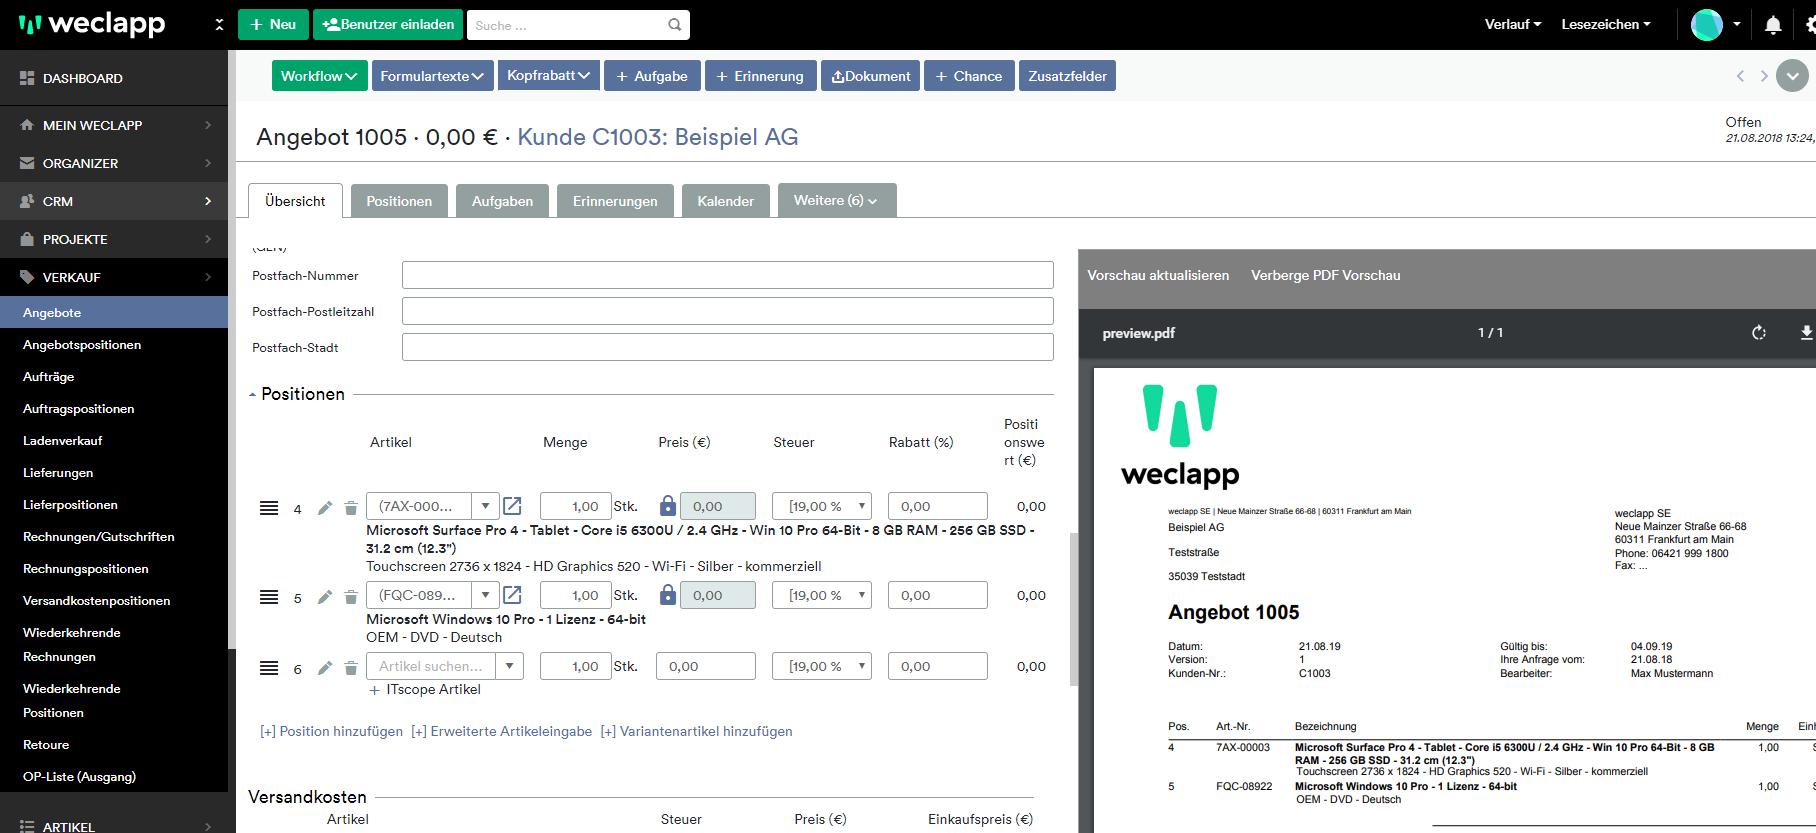 weclapp - ITscope Schnittstelle Screenshot Artikelübersicht